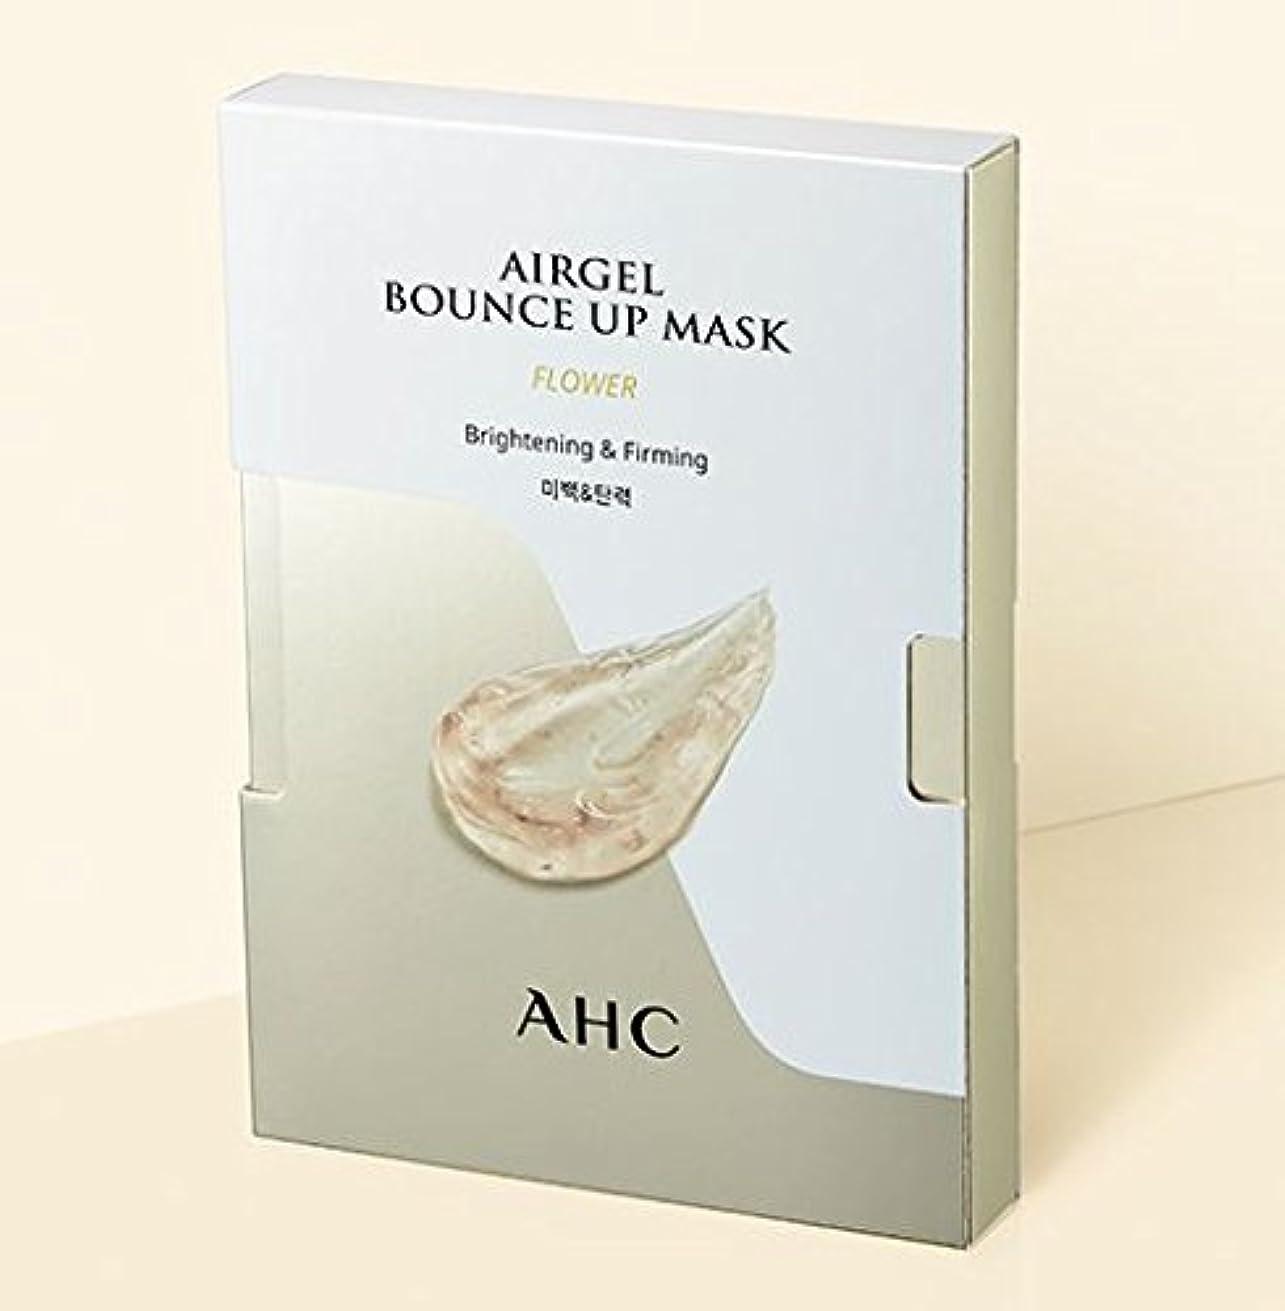 ヤギ仕事サポート[A.H.C] Airgel Bounce Up Mask FLOWER (Brightening&Firming)30g*5sheet/フラワーエアゲルマスク30g*5枚 [並行輸入品]